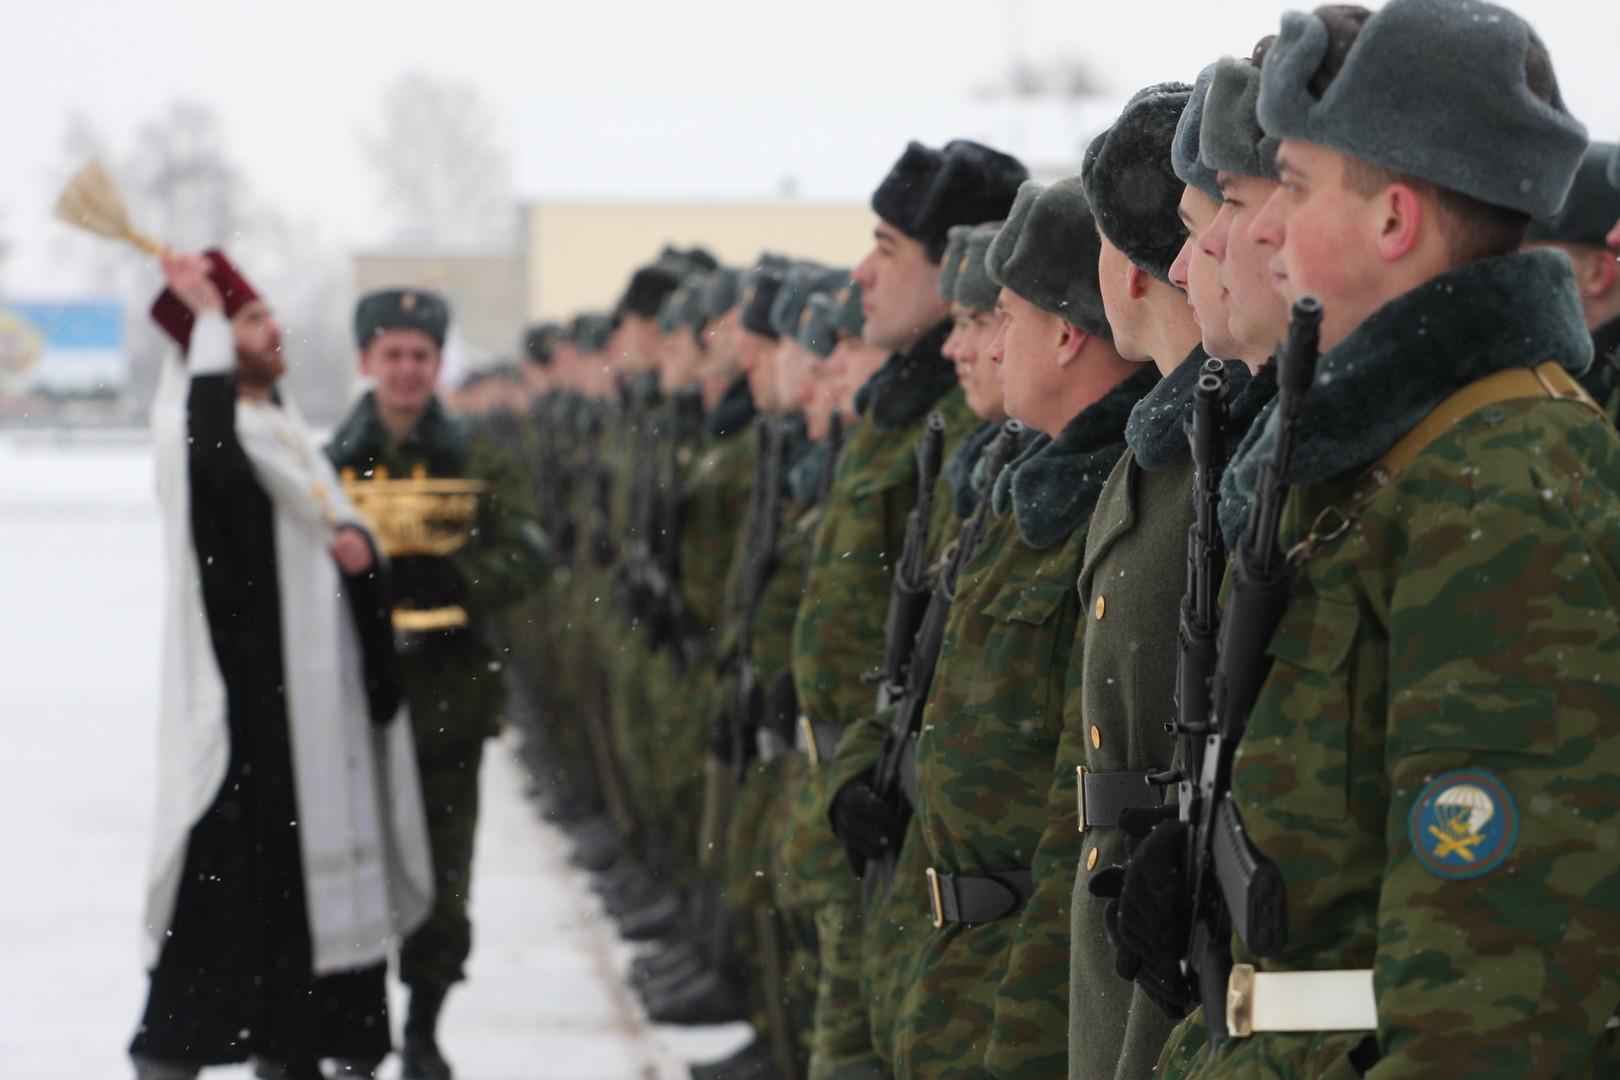 Ein Militärpfarrer bespritzt Rekruten mit Weihwasser während der Vereidigung.